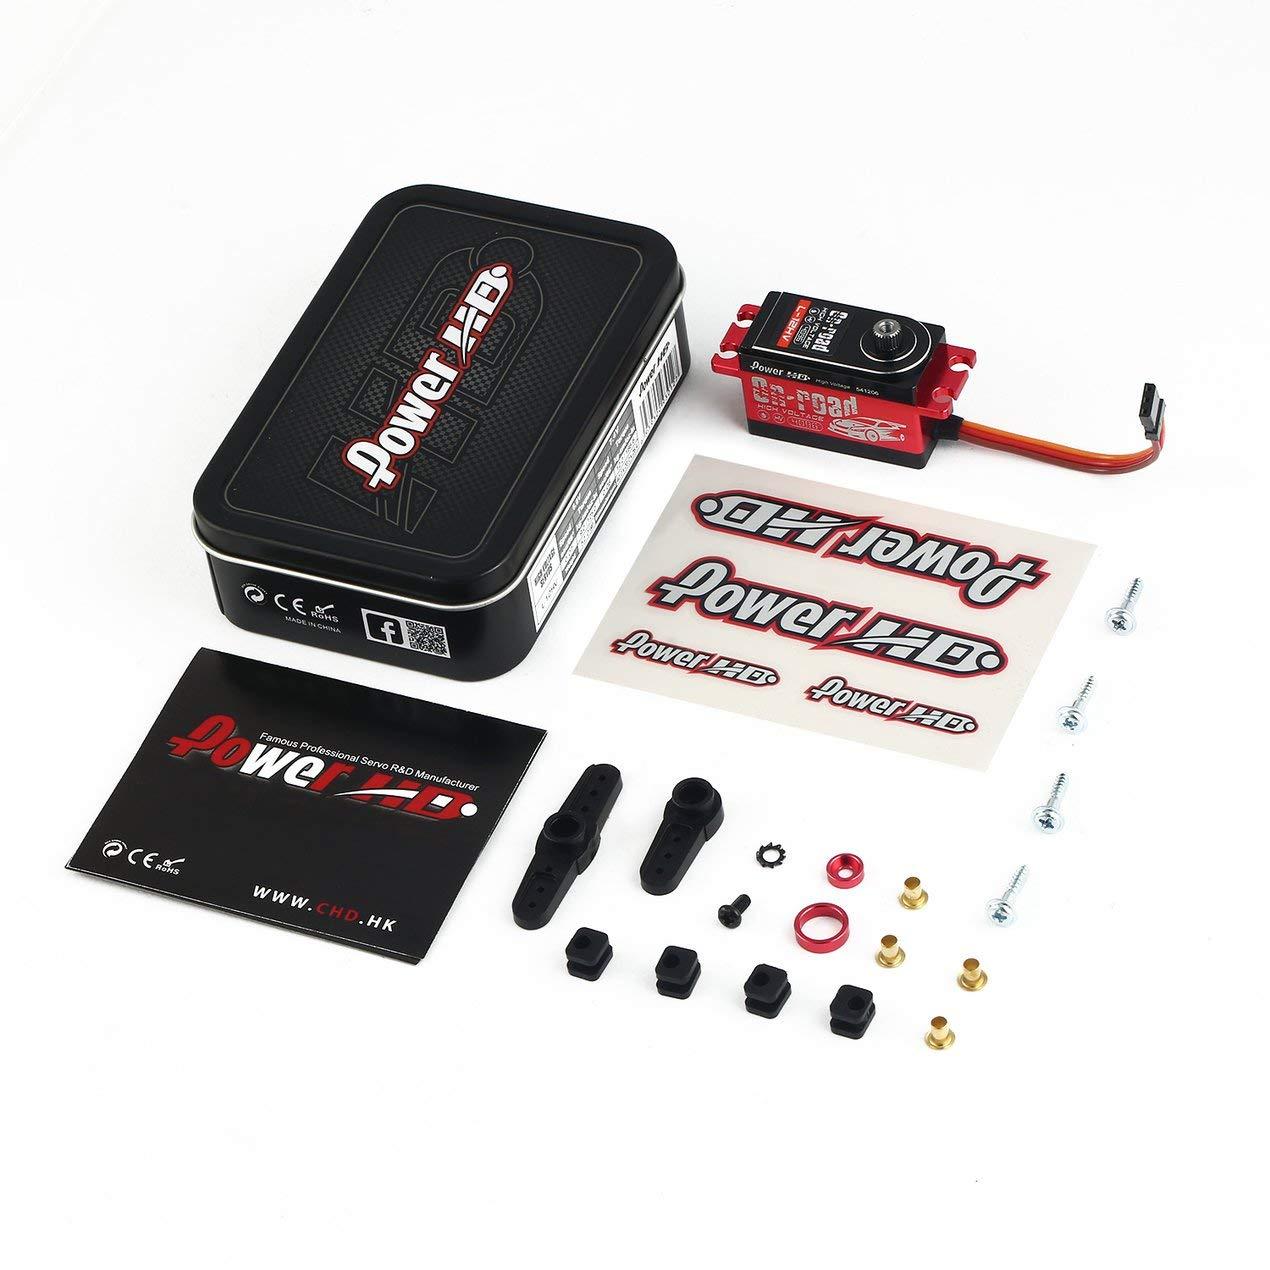 barato Dooret Energía HD L12HV HV 12 kg de aleación de de de Engranaje sin núcleo servo Digital para el Coche de RC Drift Car  barato y de moda